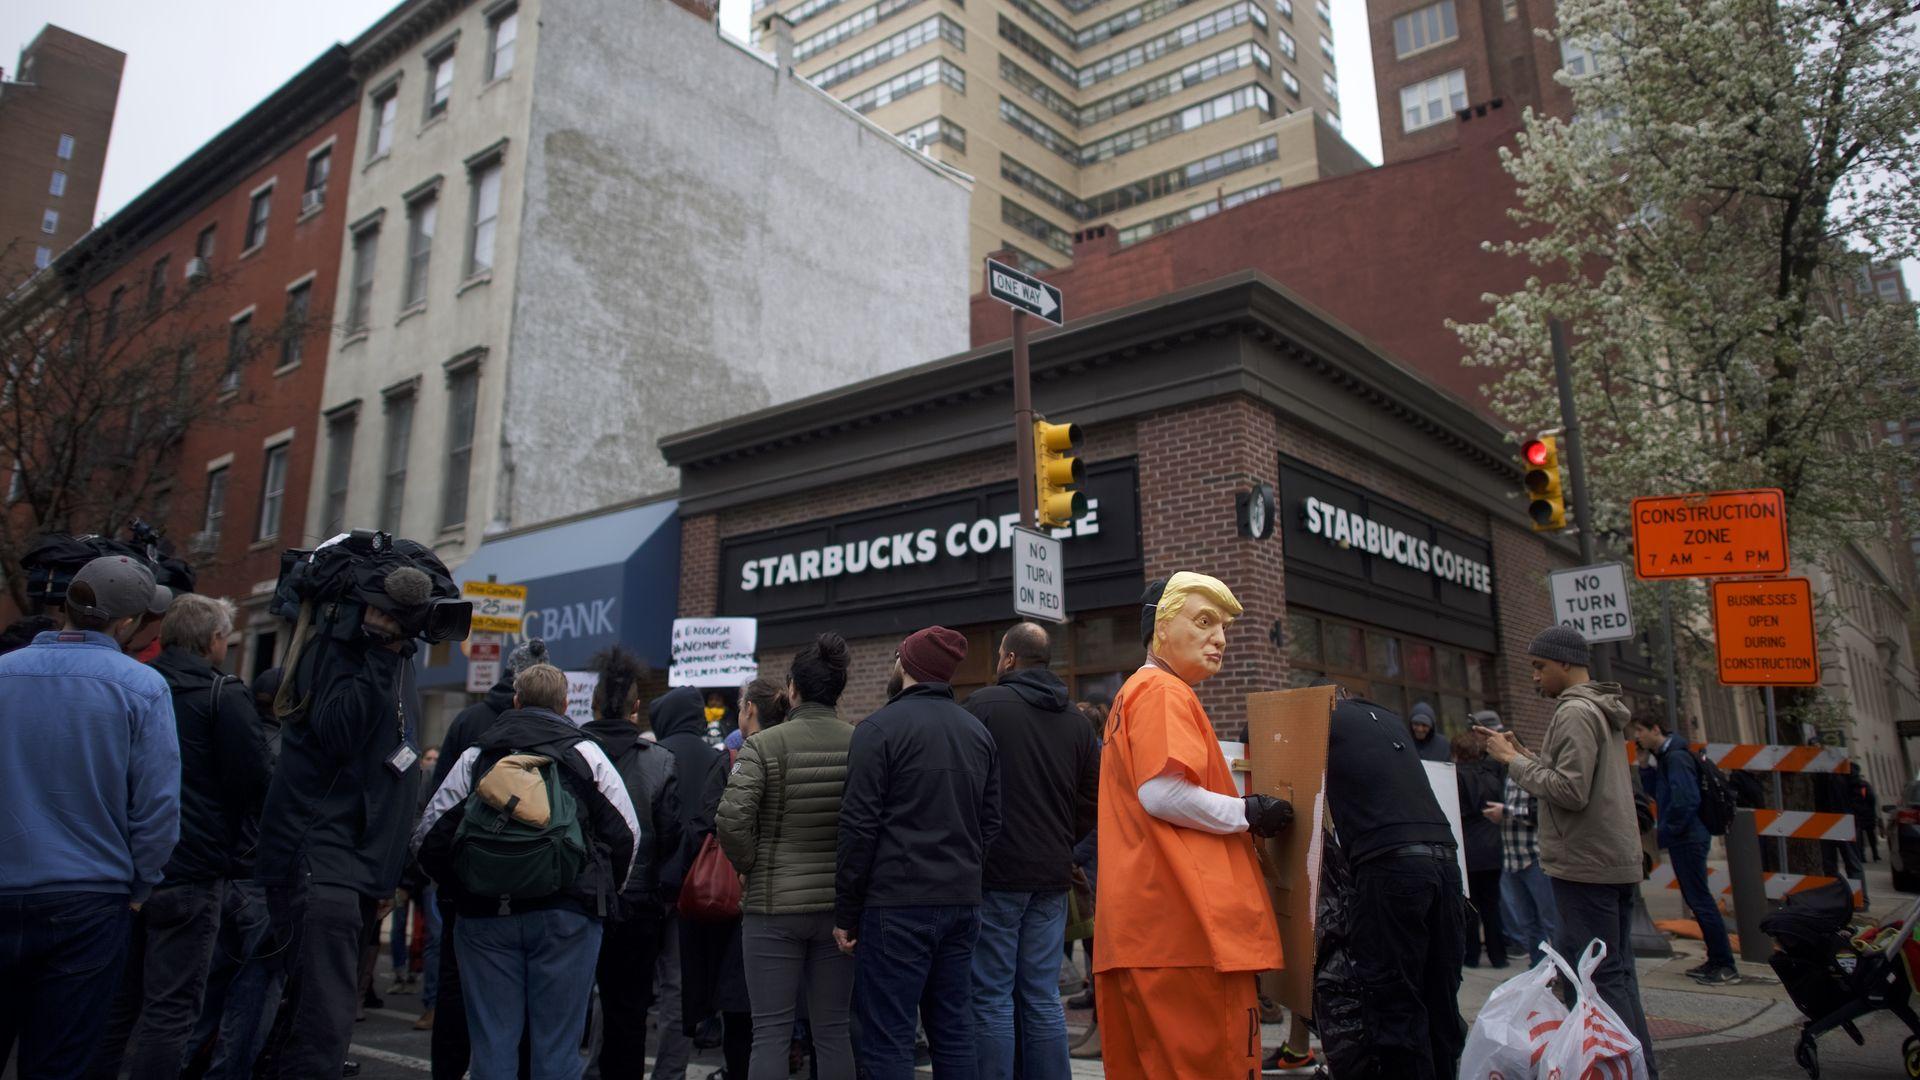 Protestors outside of Starbucks